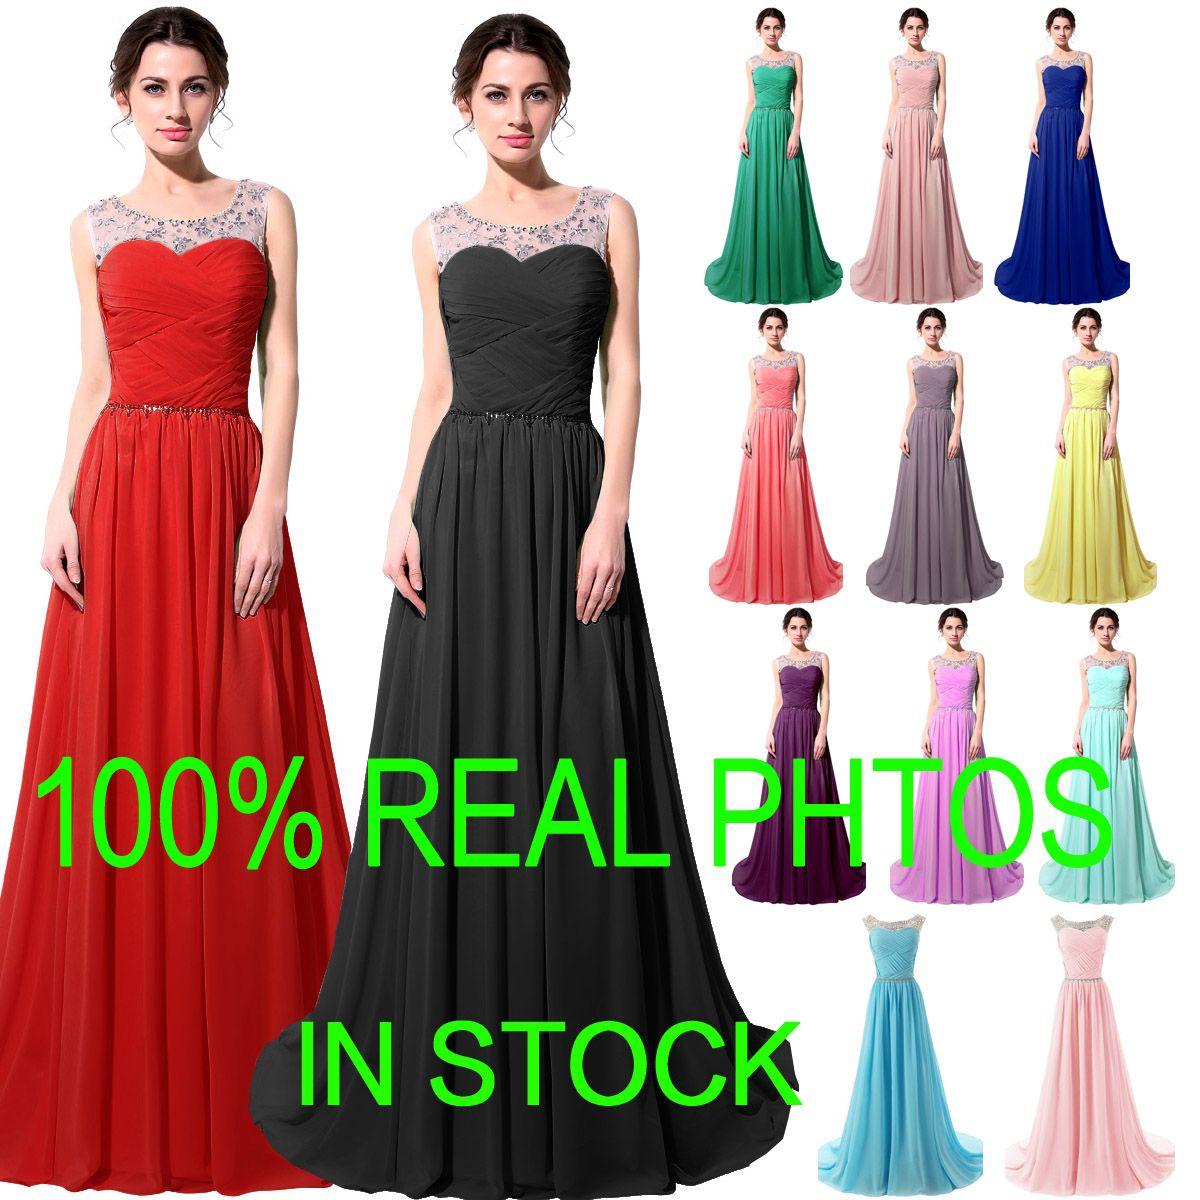 Реальные изображения шифон кристалл вечерние платья выпускного вечера бусы розовый мята красный черный длинные платья невесты ну вечеринку в наличии плюс размер